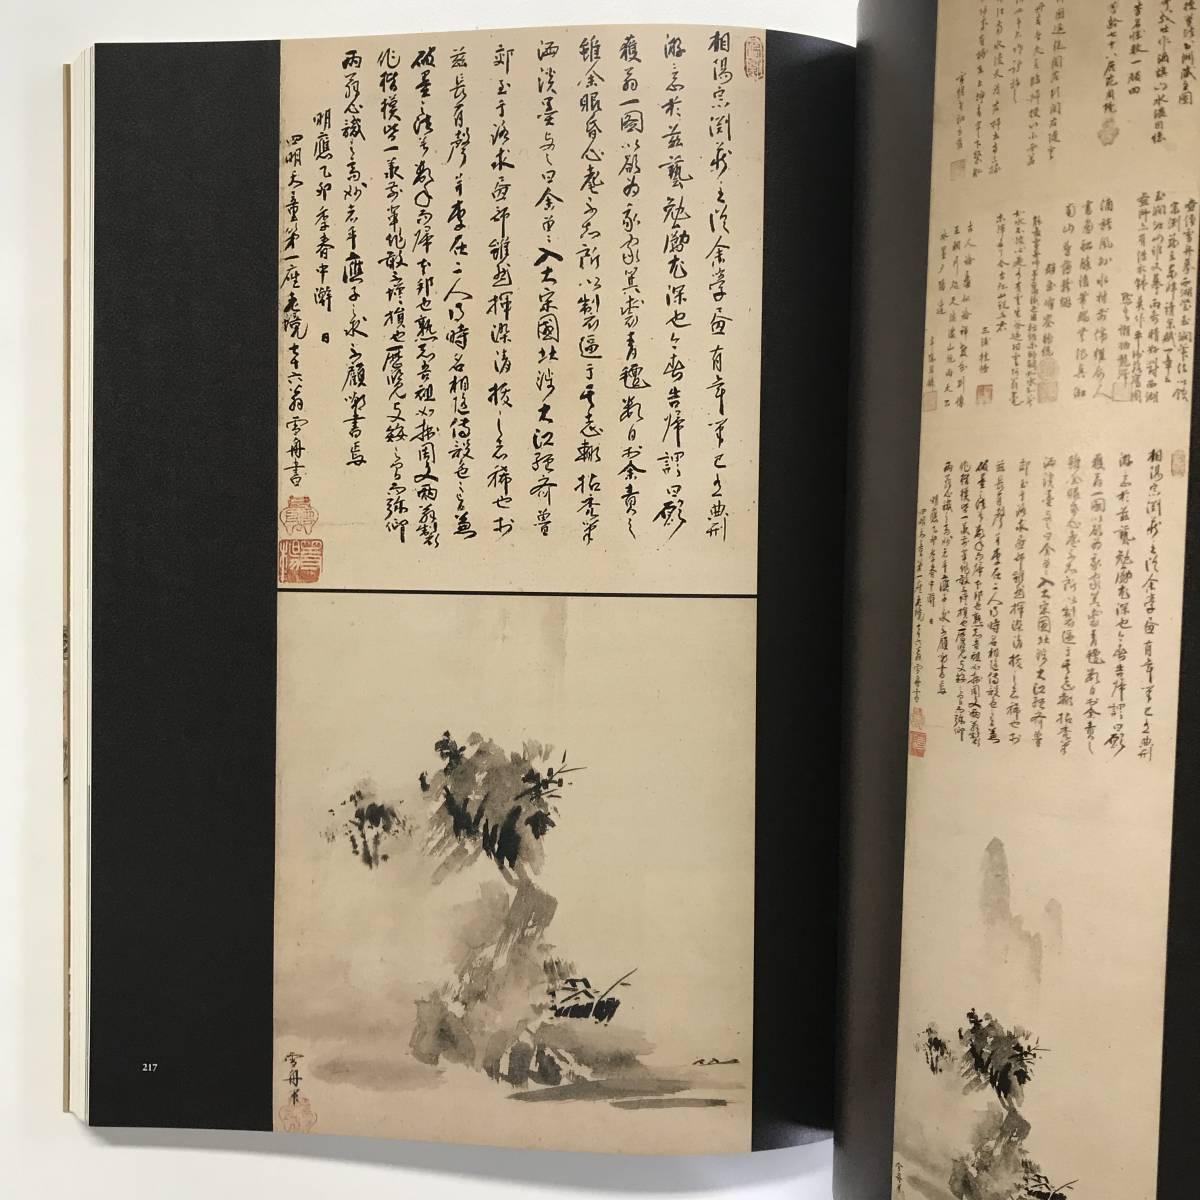 「京都五山 禅の文化」展 足利義満六百年御忌記念 2007-8 東京国立博物館ほか 図録 t00712_d11_画像3